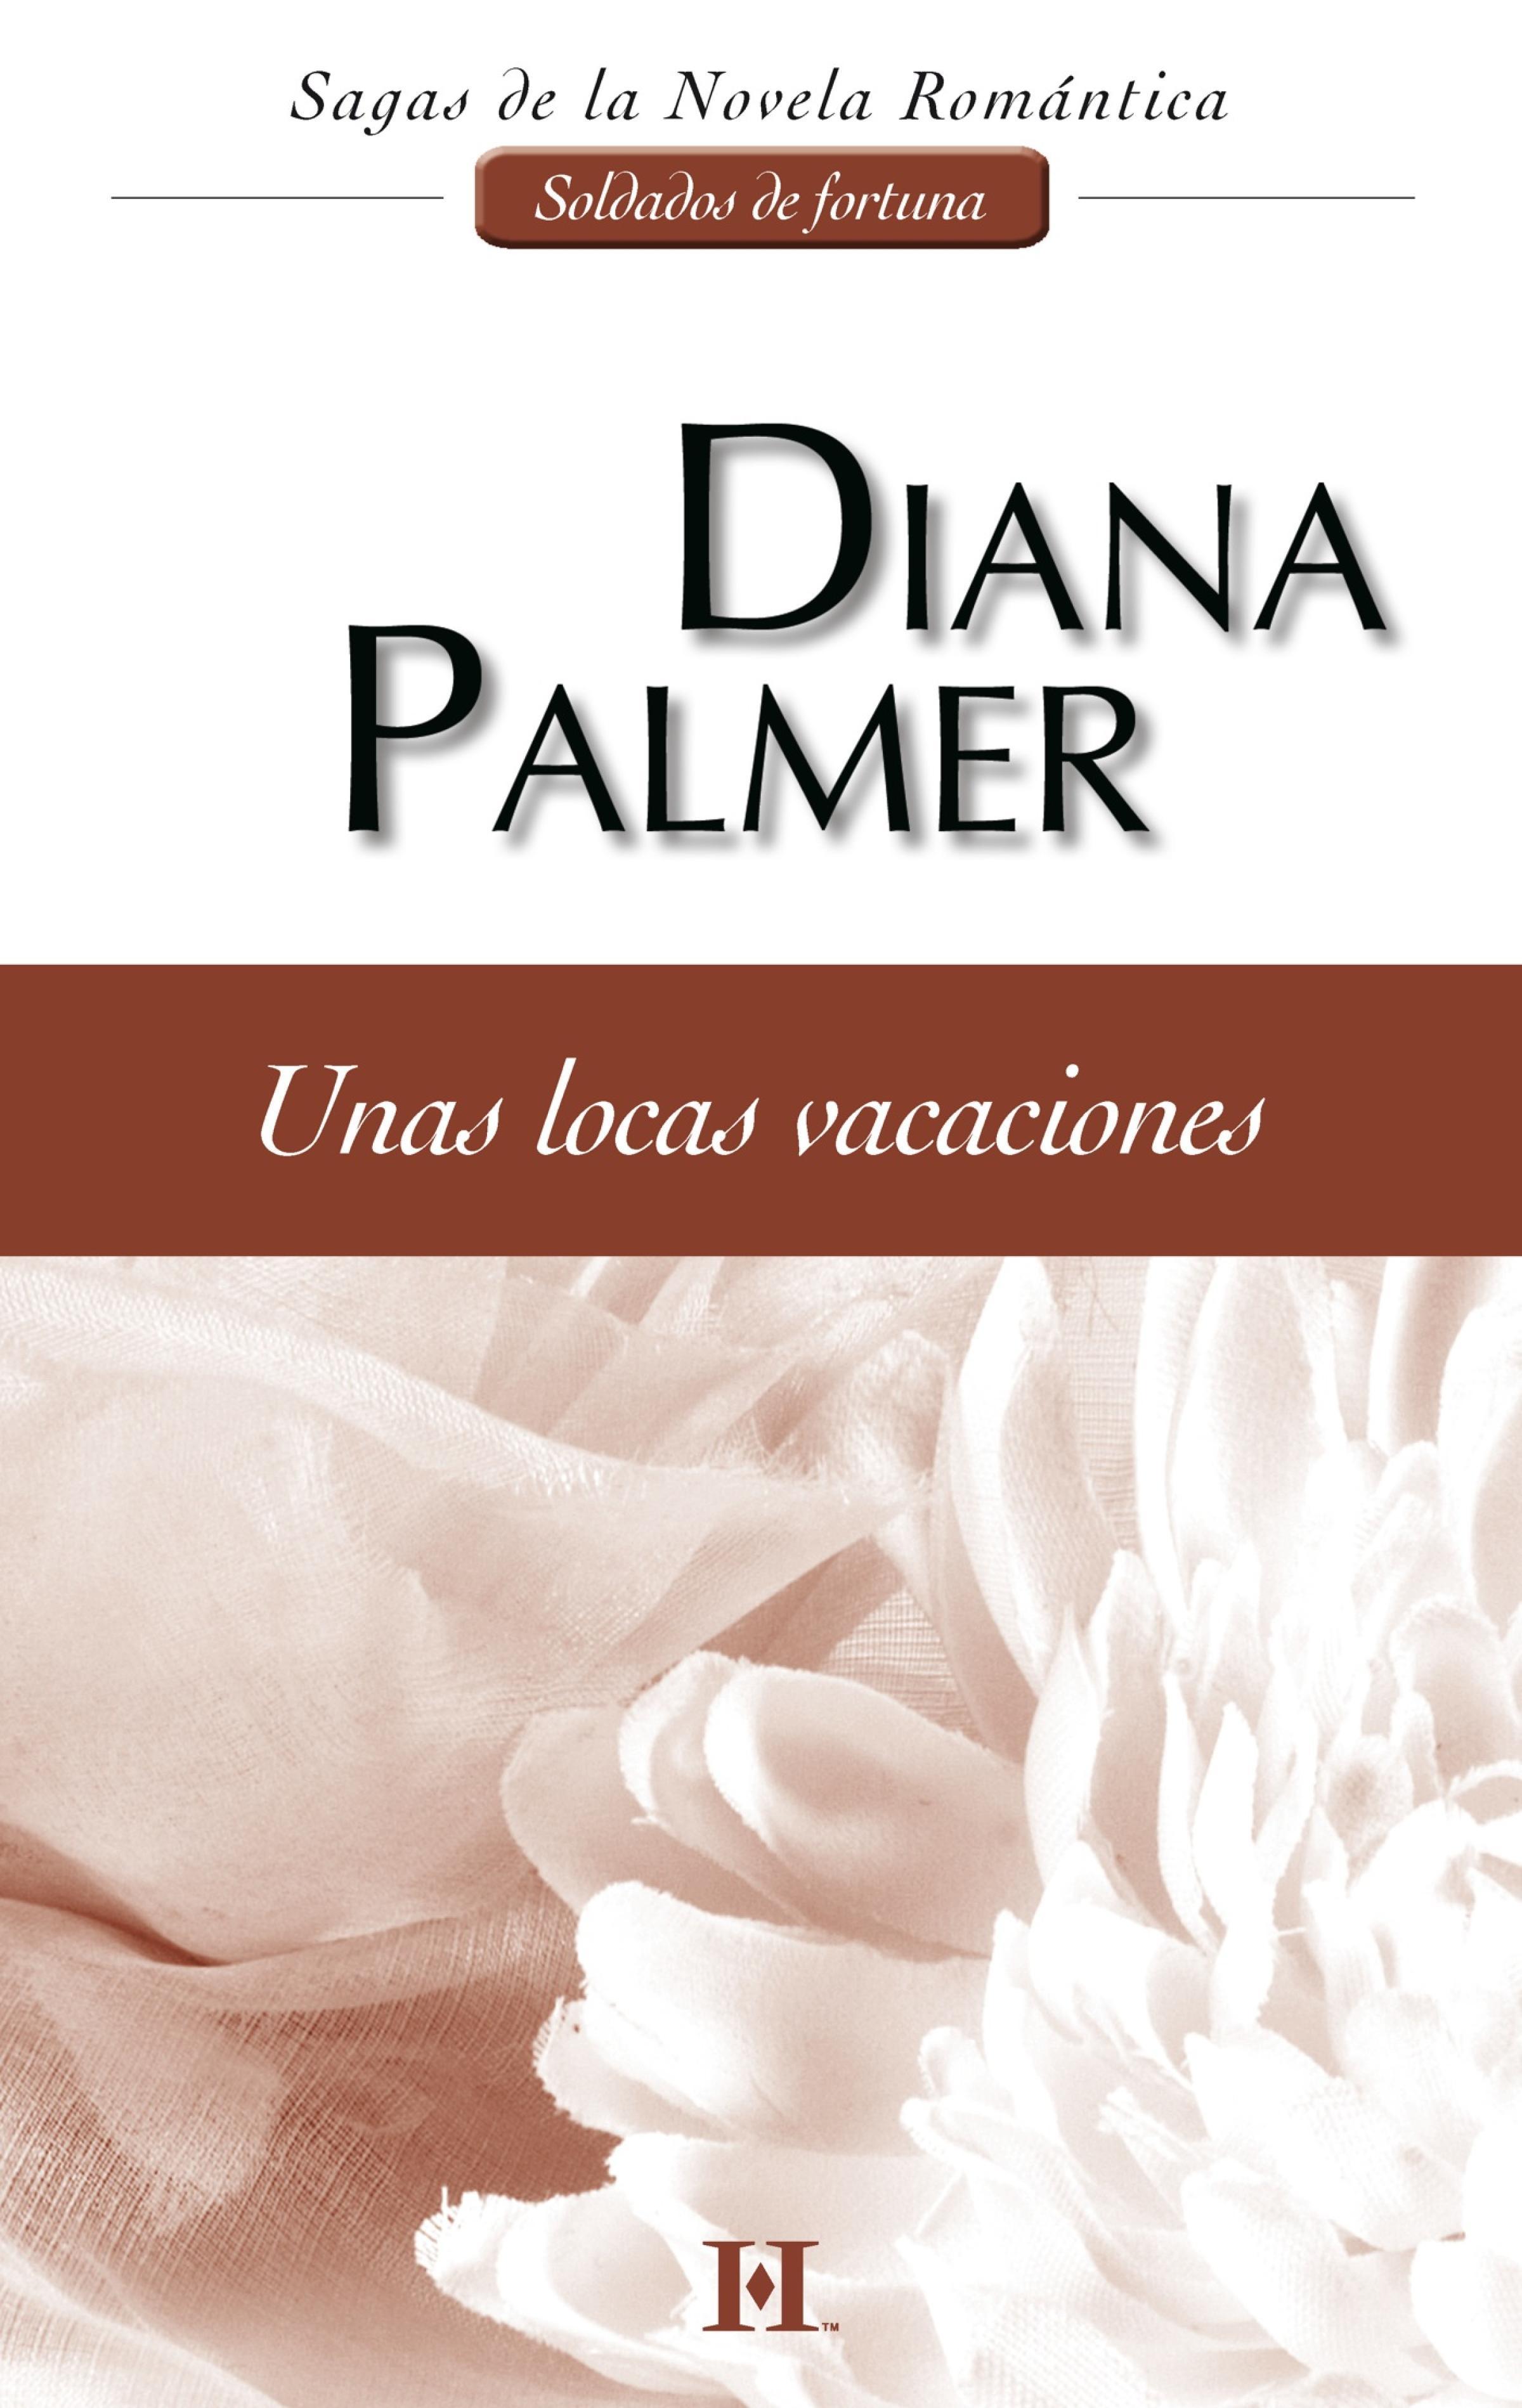 Unas locas vacaciones ( Diana Palmer  )